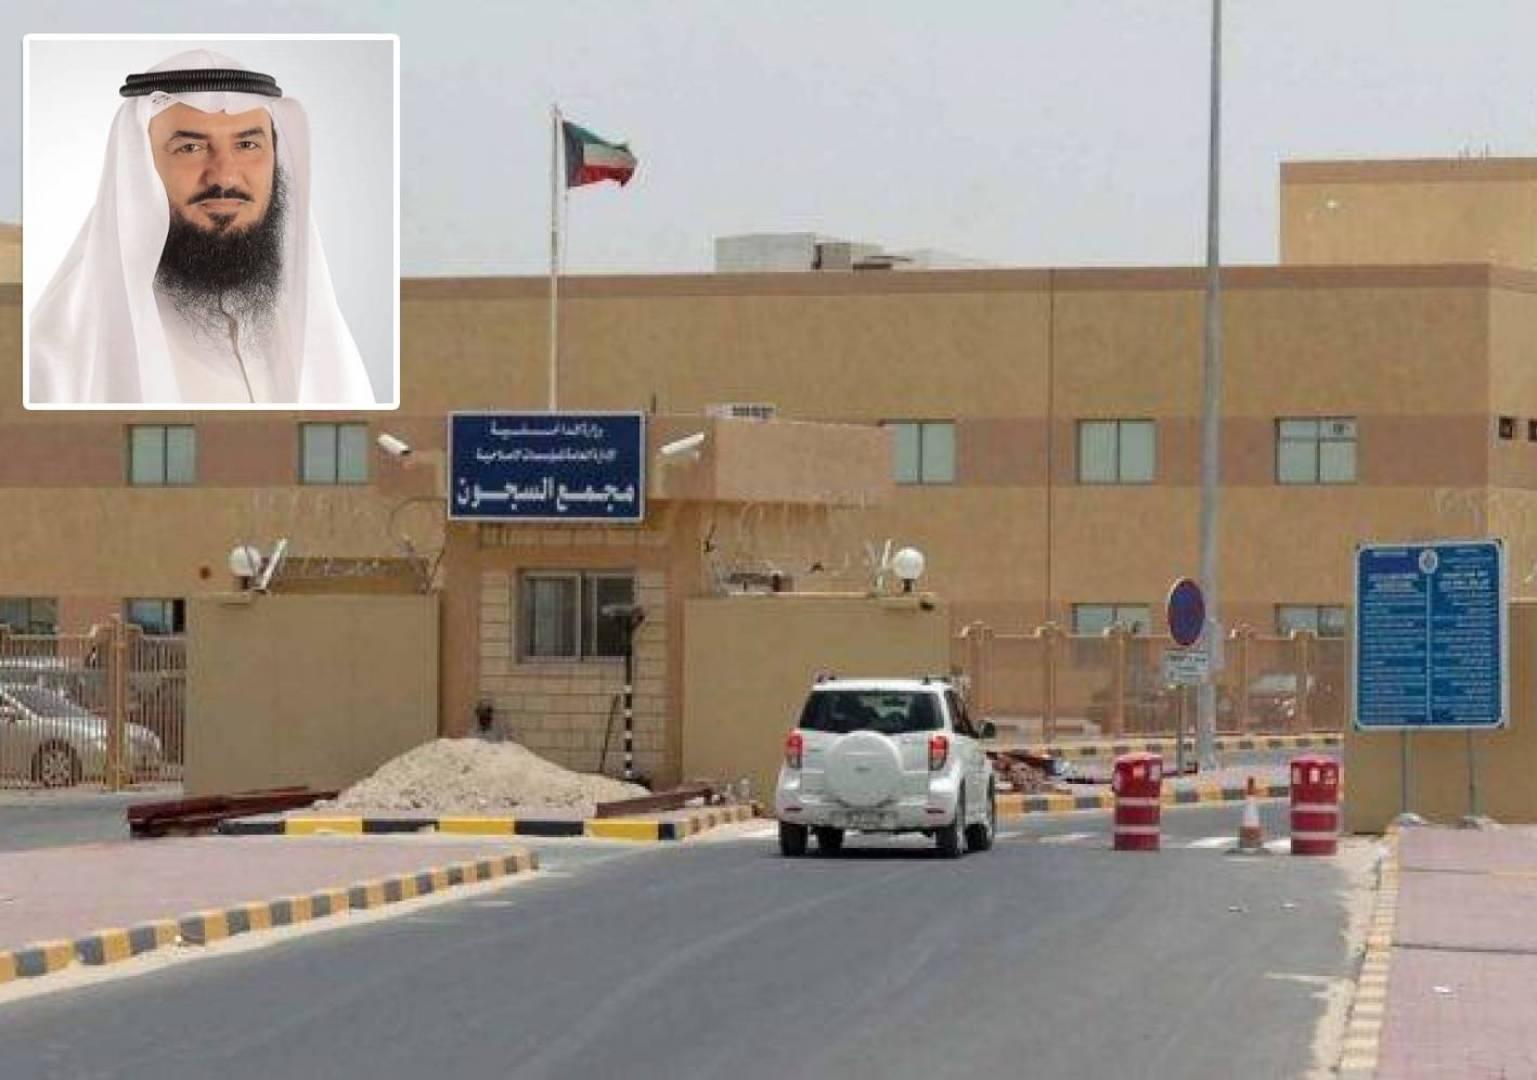 نقل الدكتور فهد الخنة إلى المستشفى إثر تعرضه لارتفاع حاد في ضغط الدم